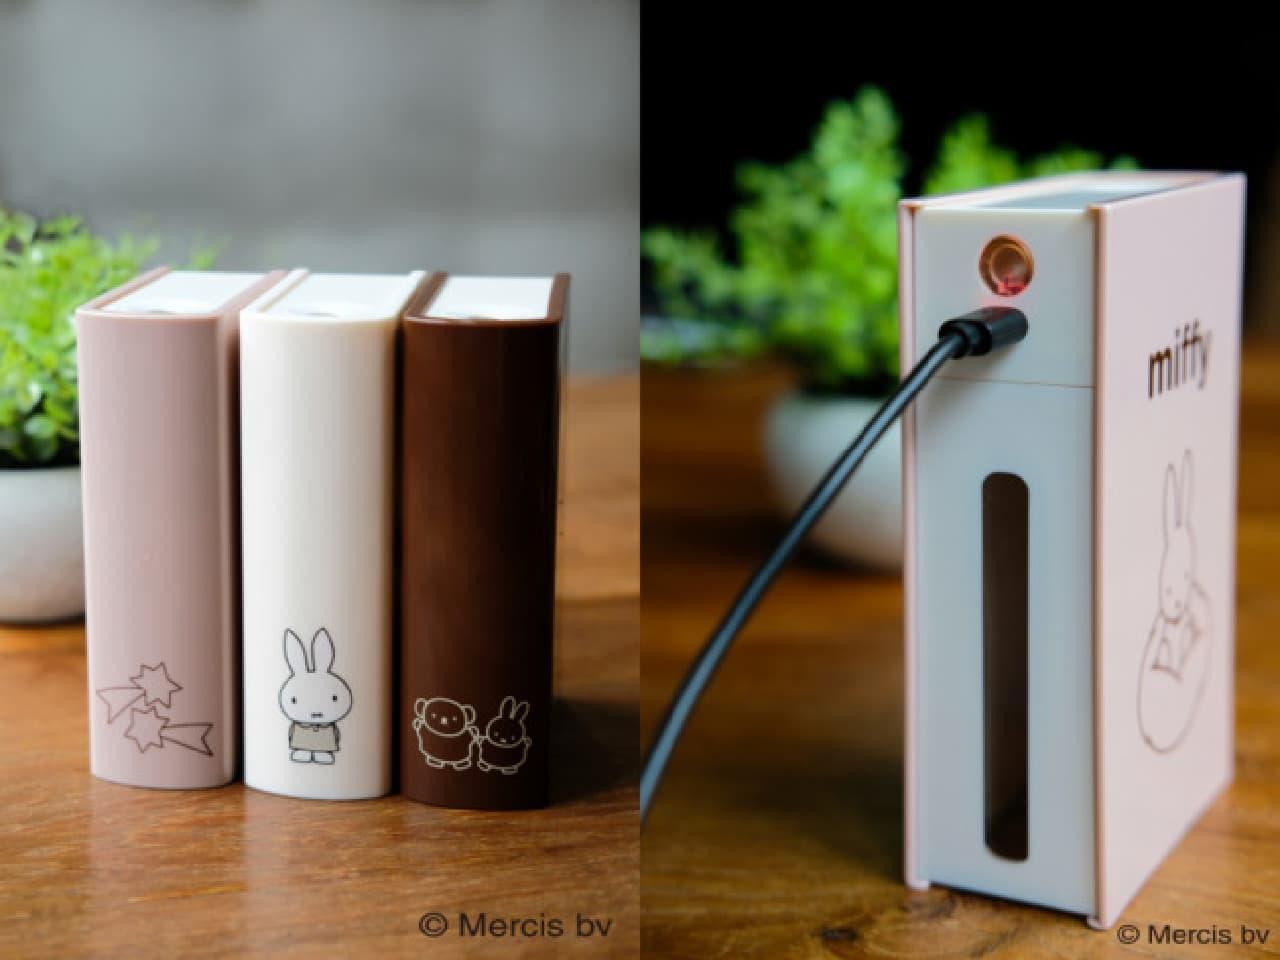 ミッフィーの卓上加湿器発売 -- コンパクトなタンブラー型&本型